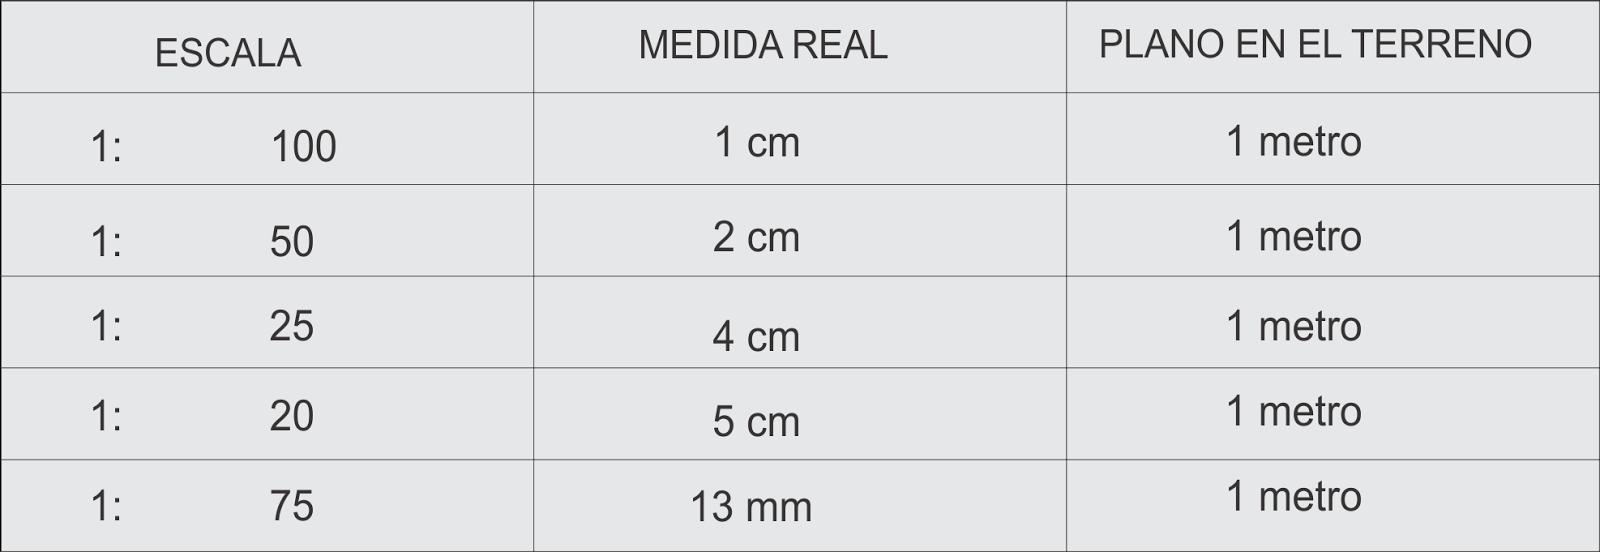 Dibujo t cnico grado d cimo escalas y escalimetros for Escala de medidas